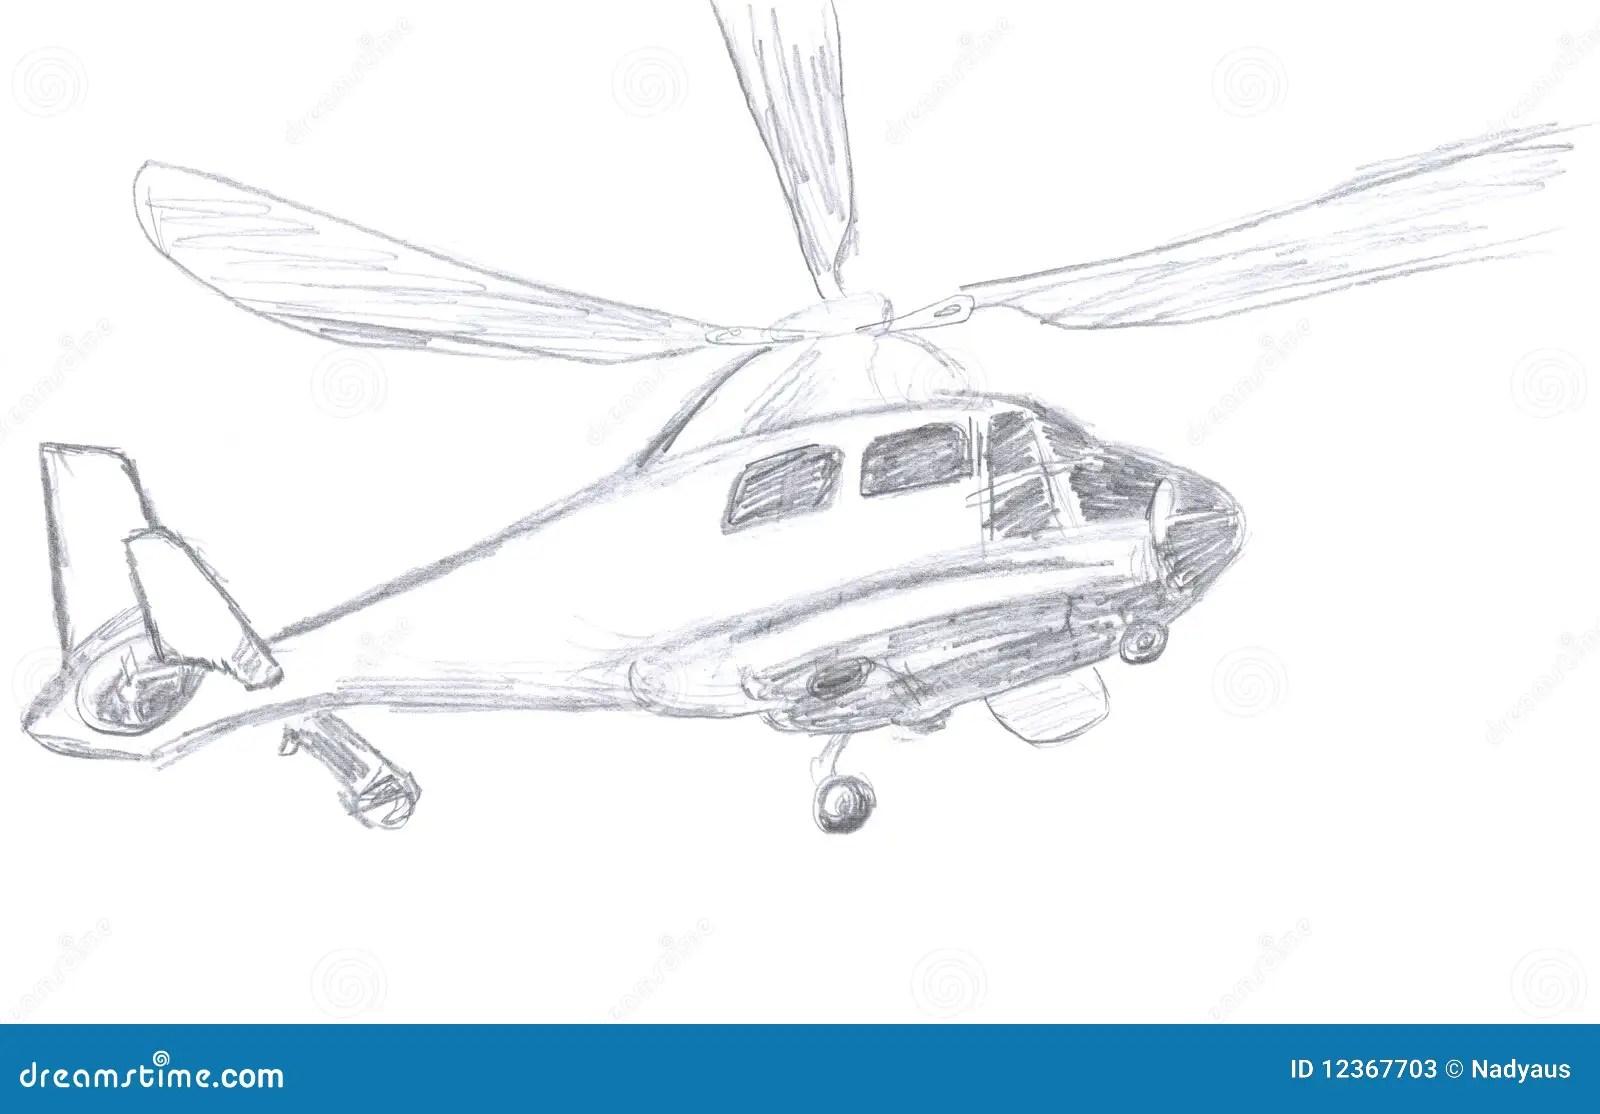 De Schets Van De Helikopter Stock Illustratie